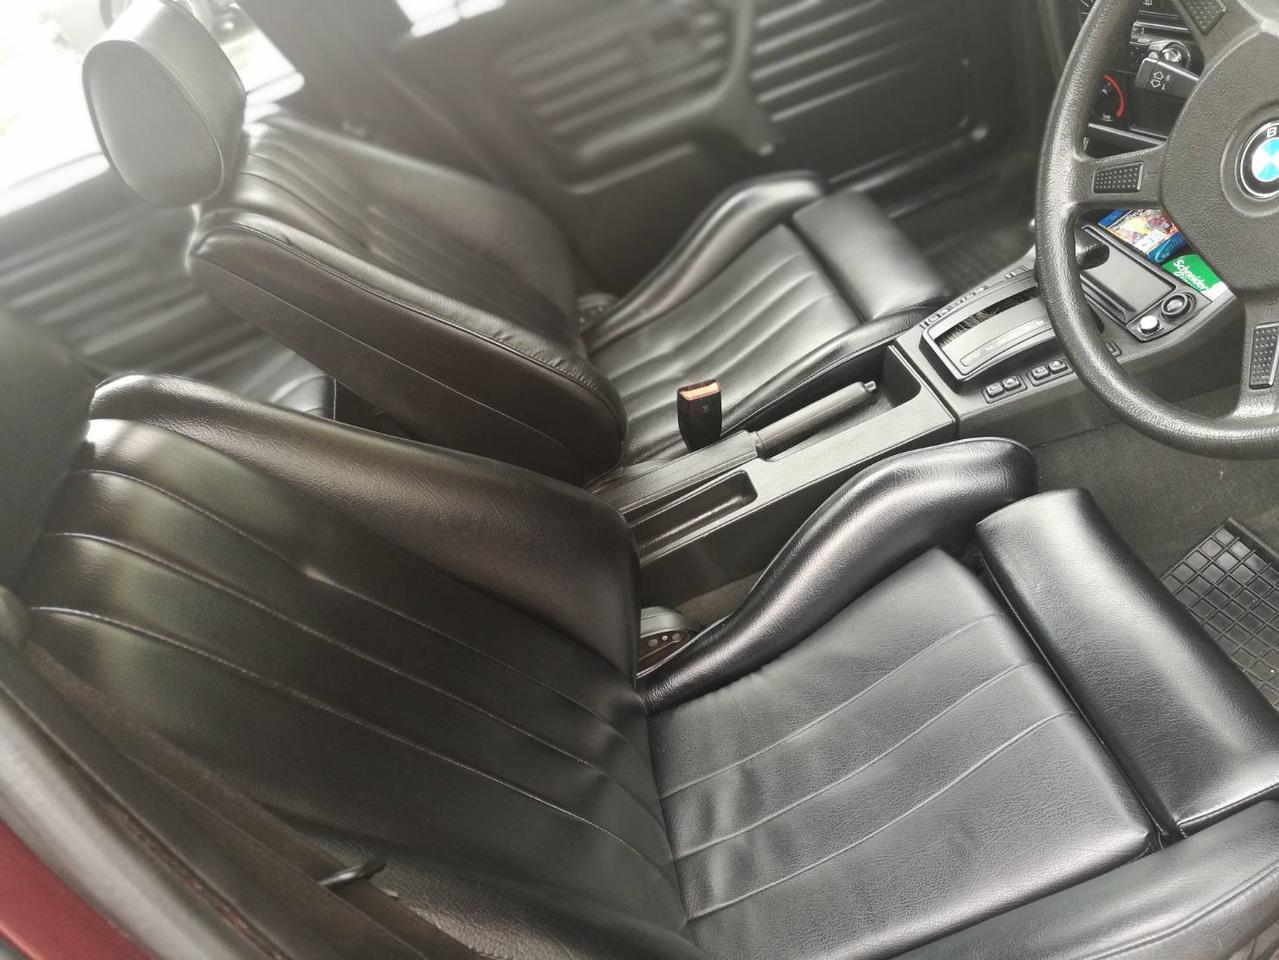 ขายรถเก๋ง BMW 318I เขตลาดพร้าว กรุงเทพ ฯ รูปที่ 4